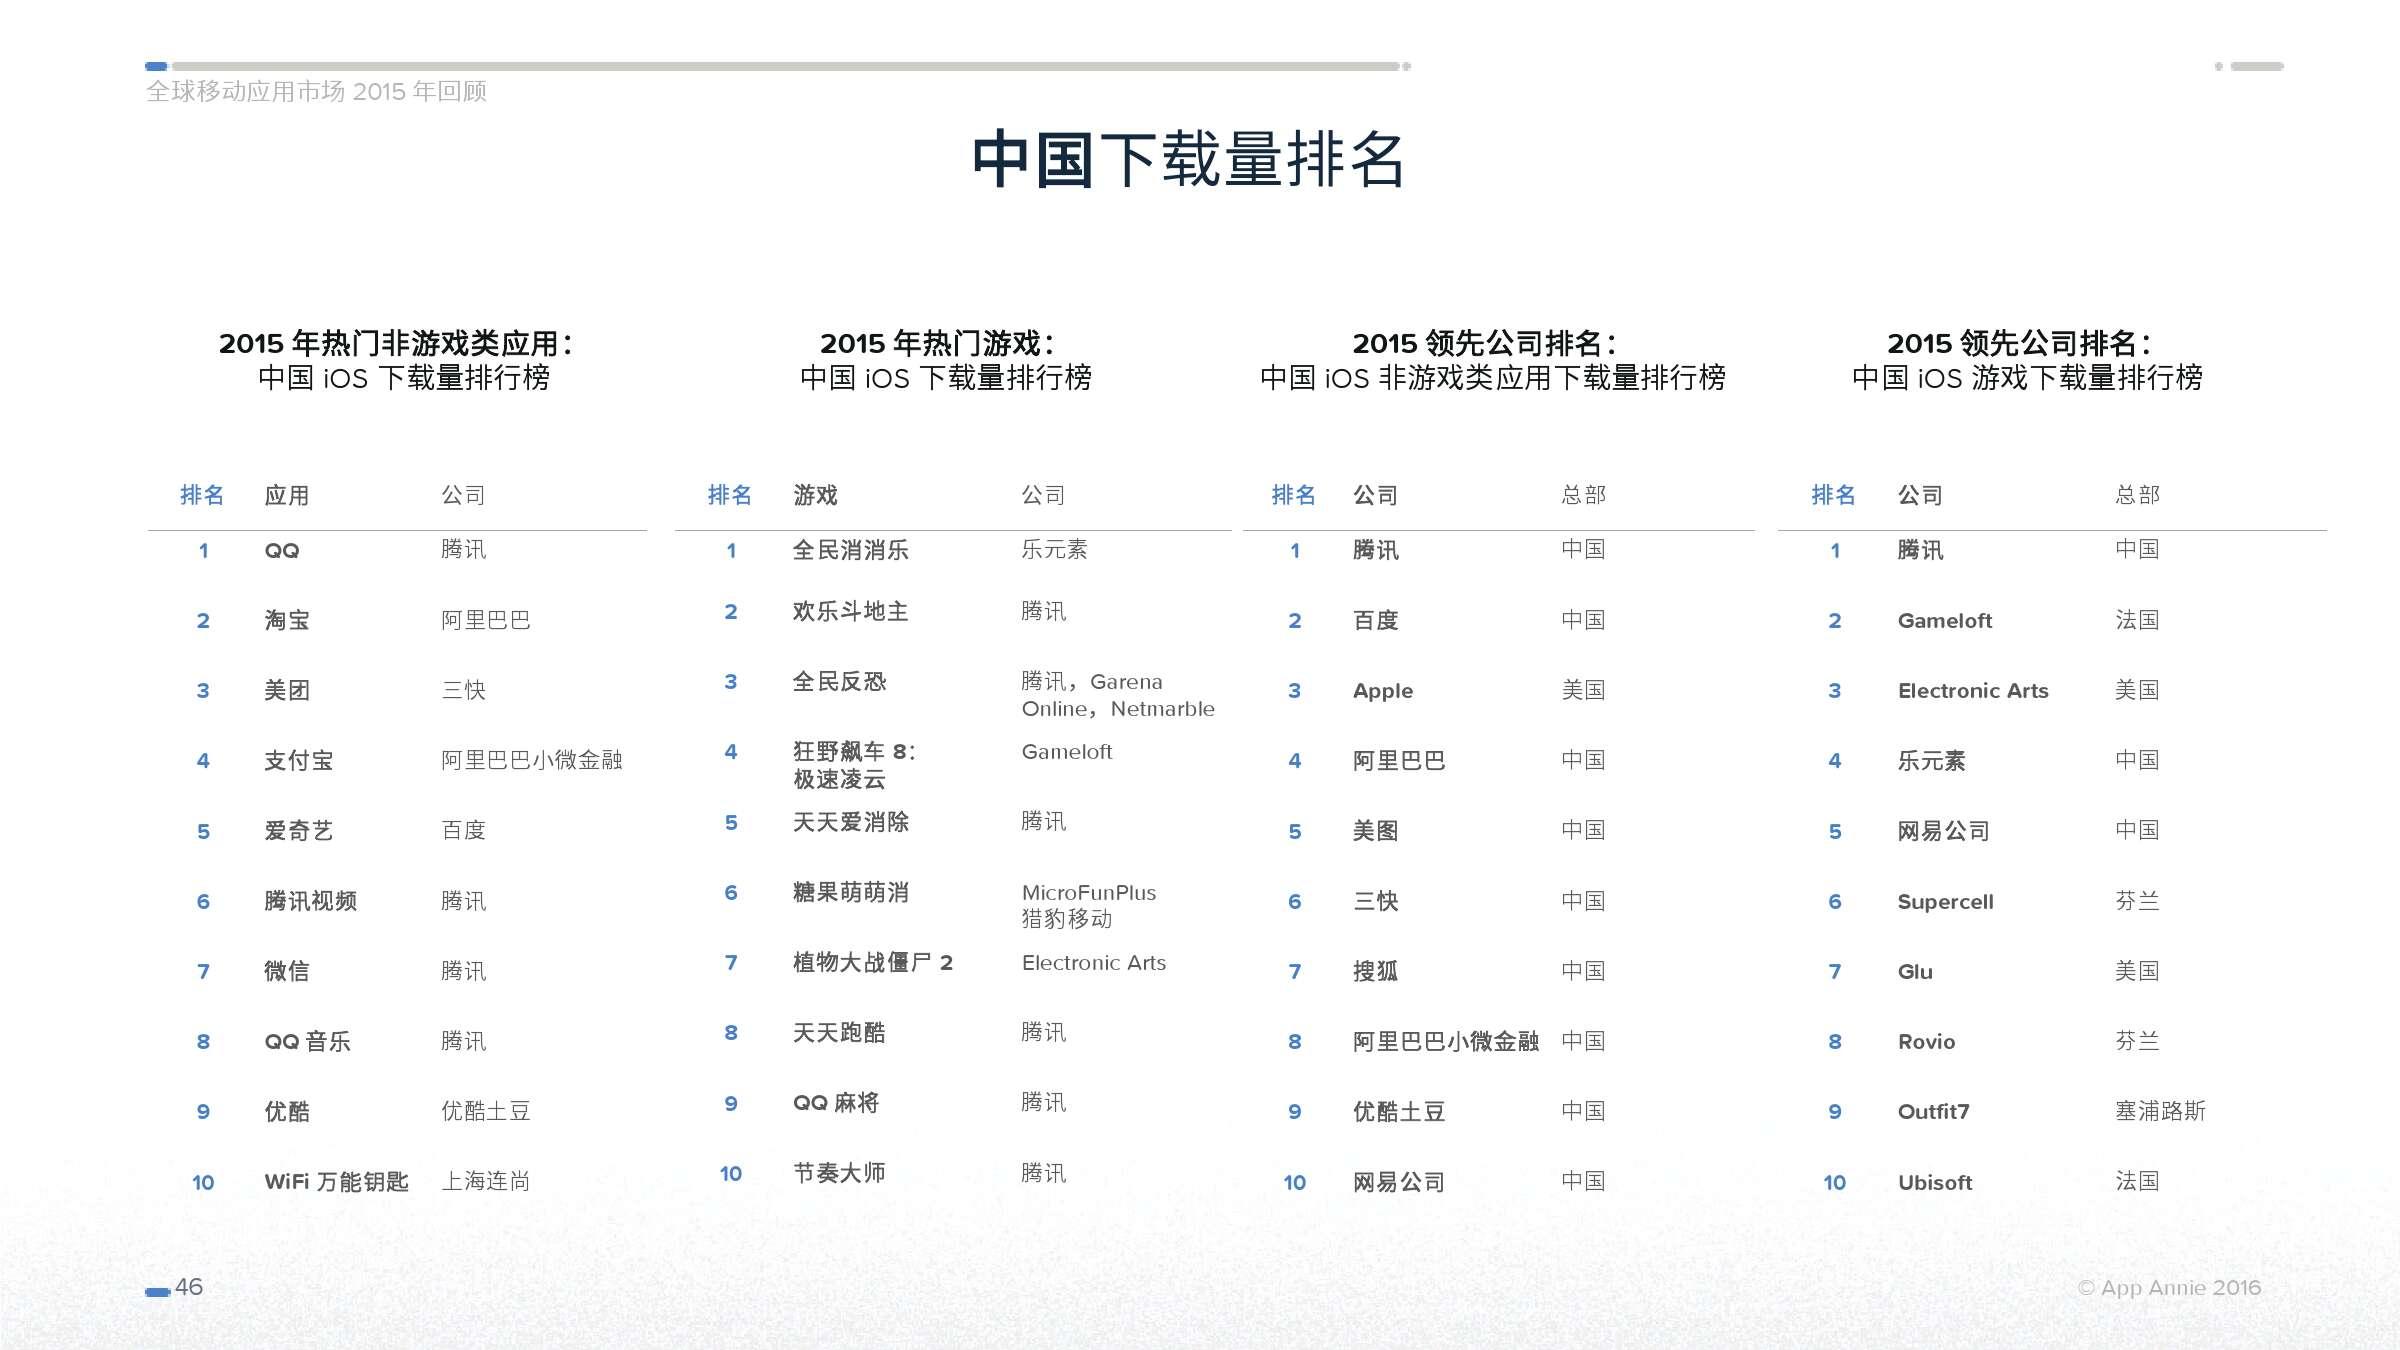 App Annie 全球移动应用市场 2015 年回顾_000046